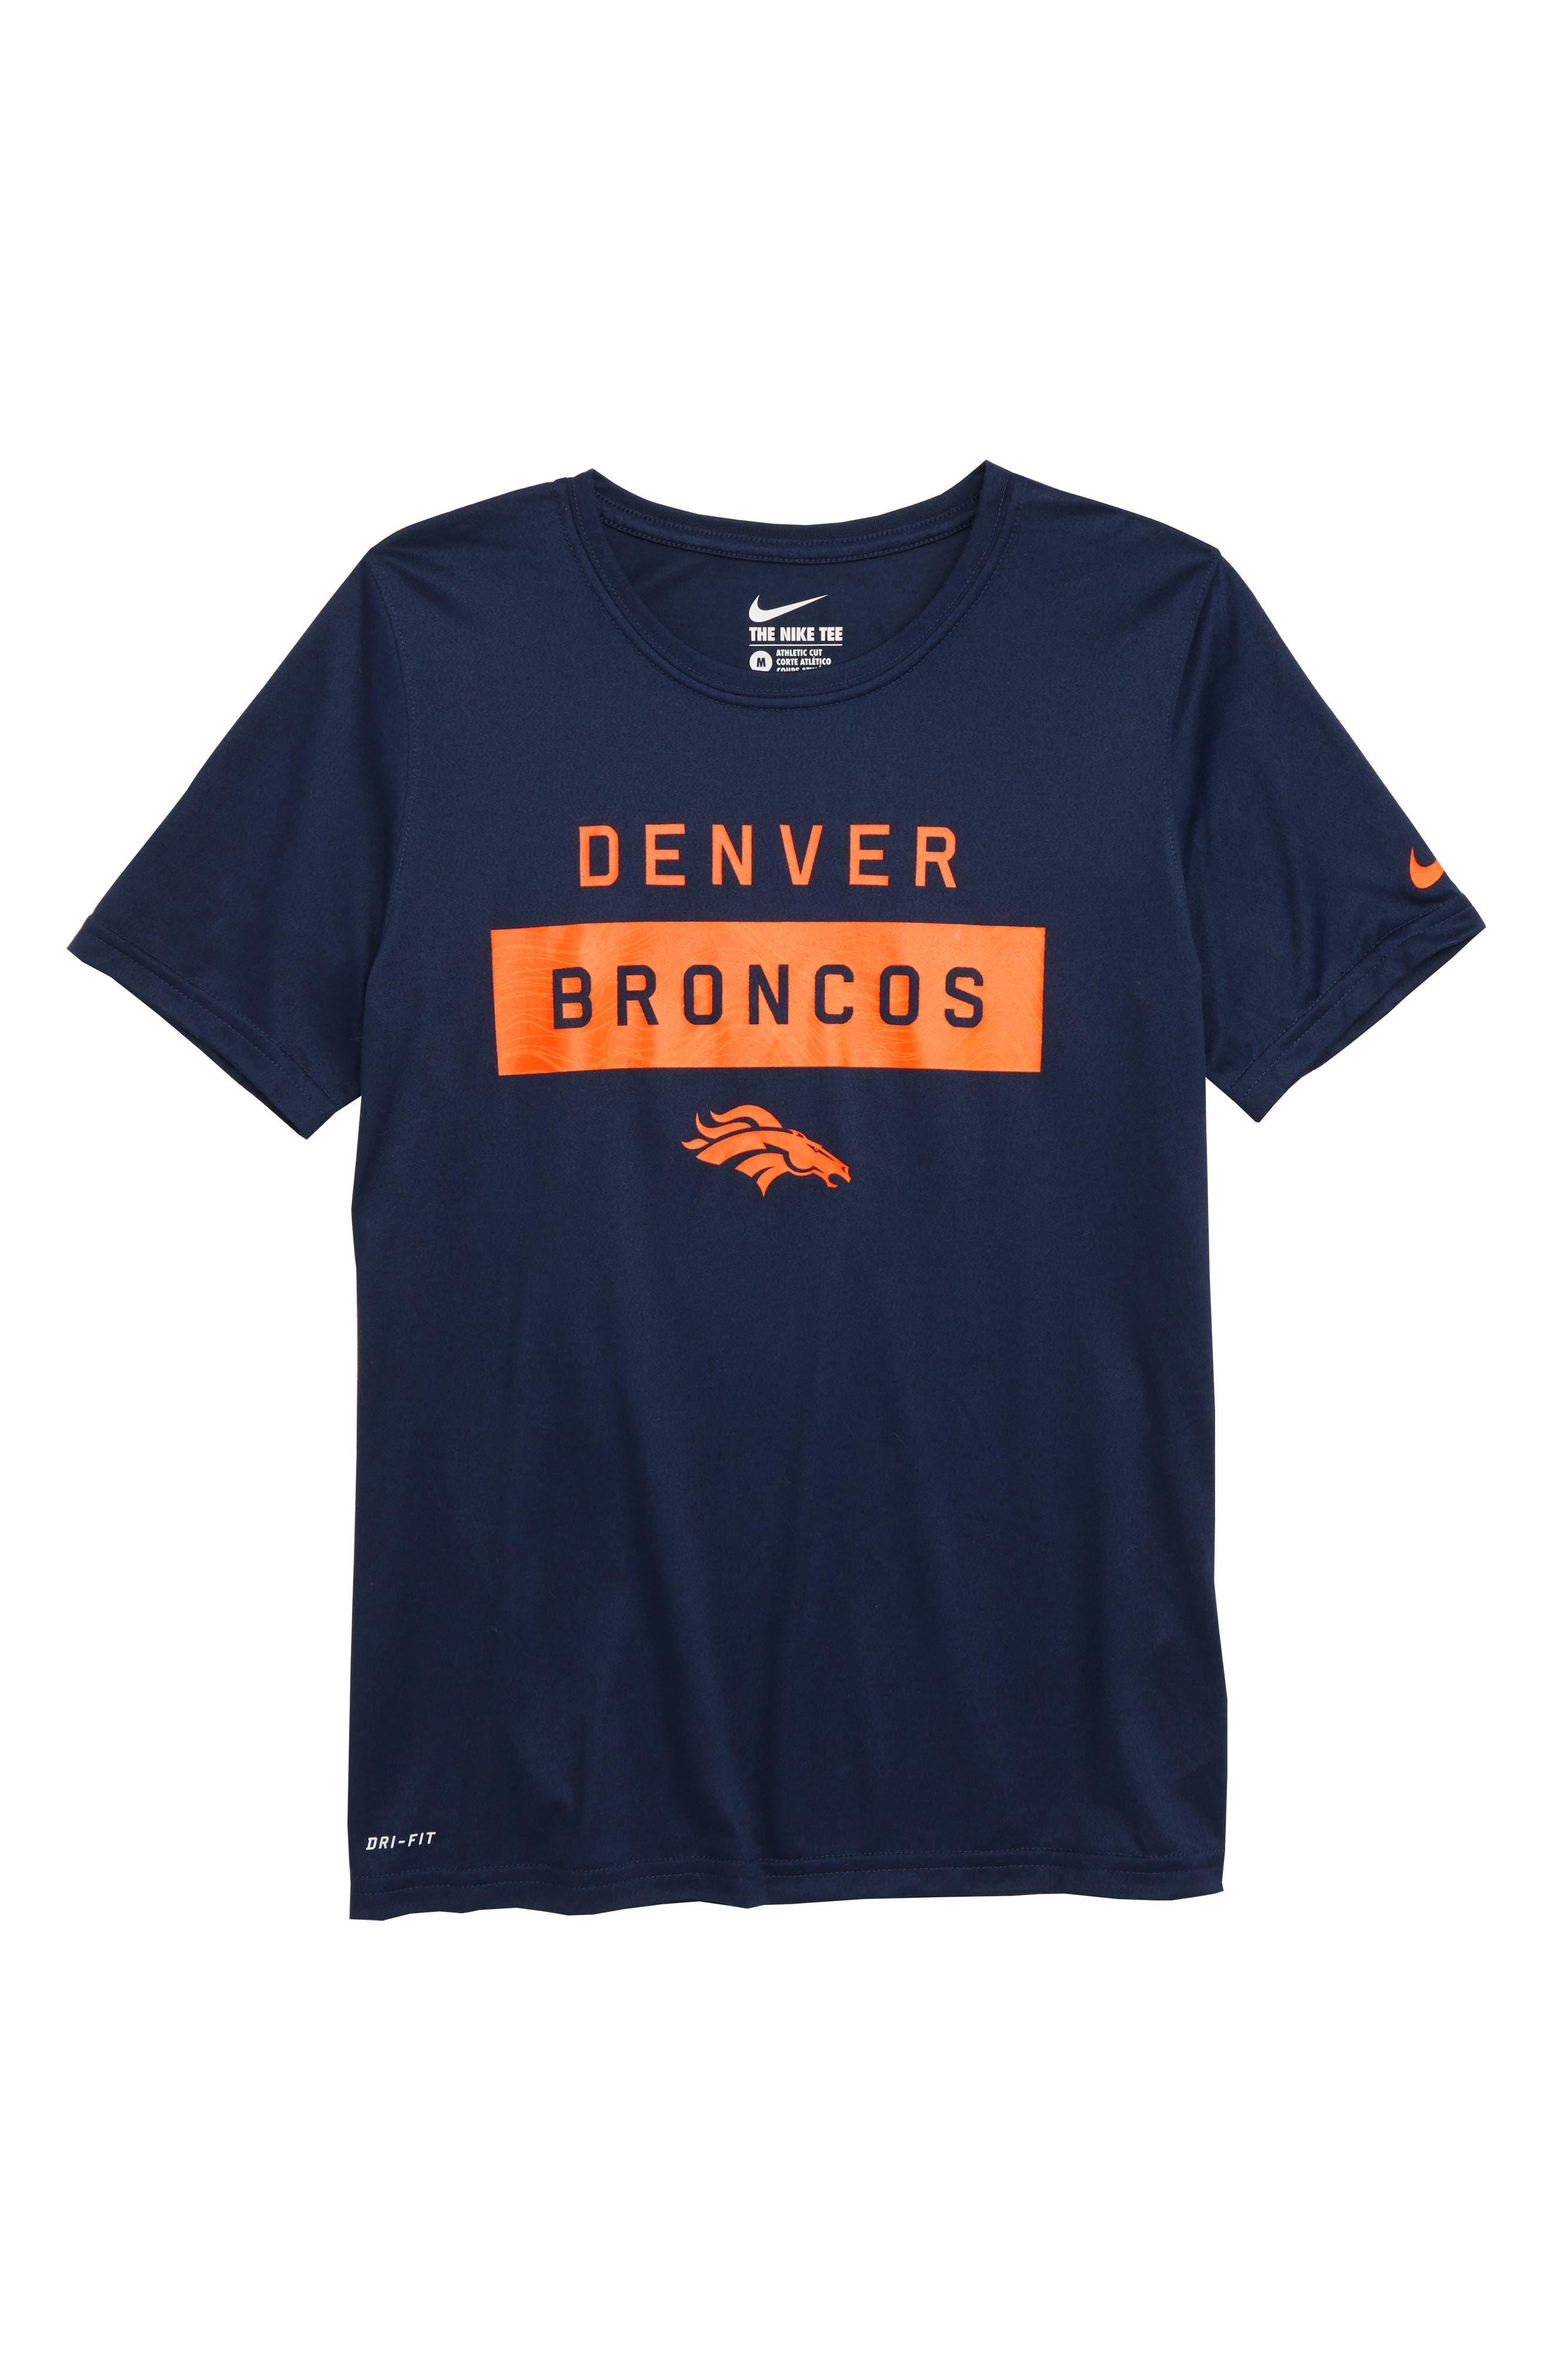 NFL Denver Broncos Dry Legend Lift T-Shirt,                             Main thumbnail 1, color,                             ORANGE